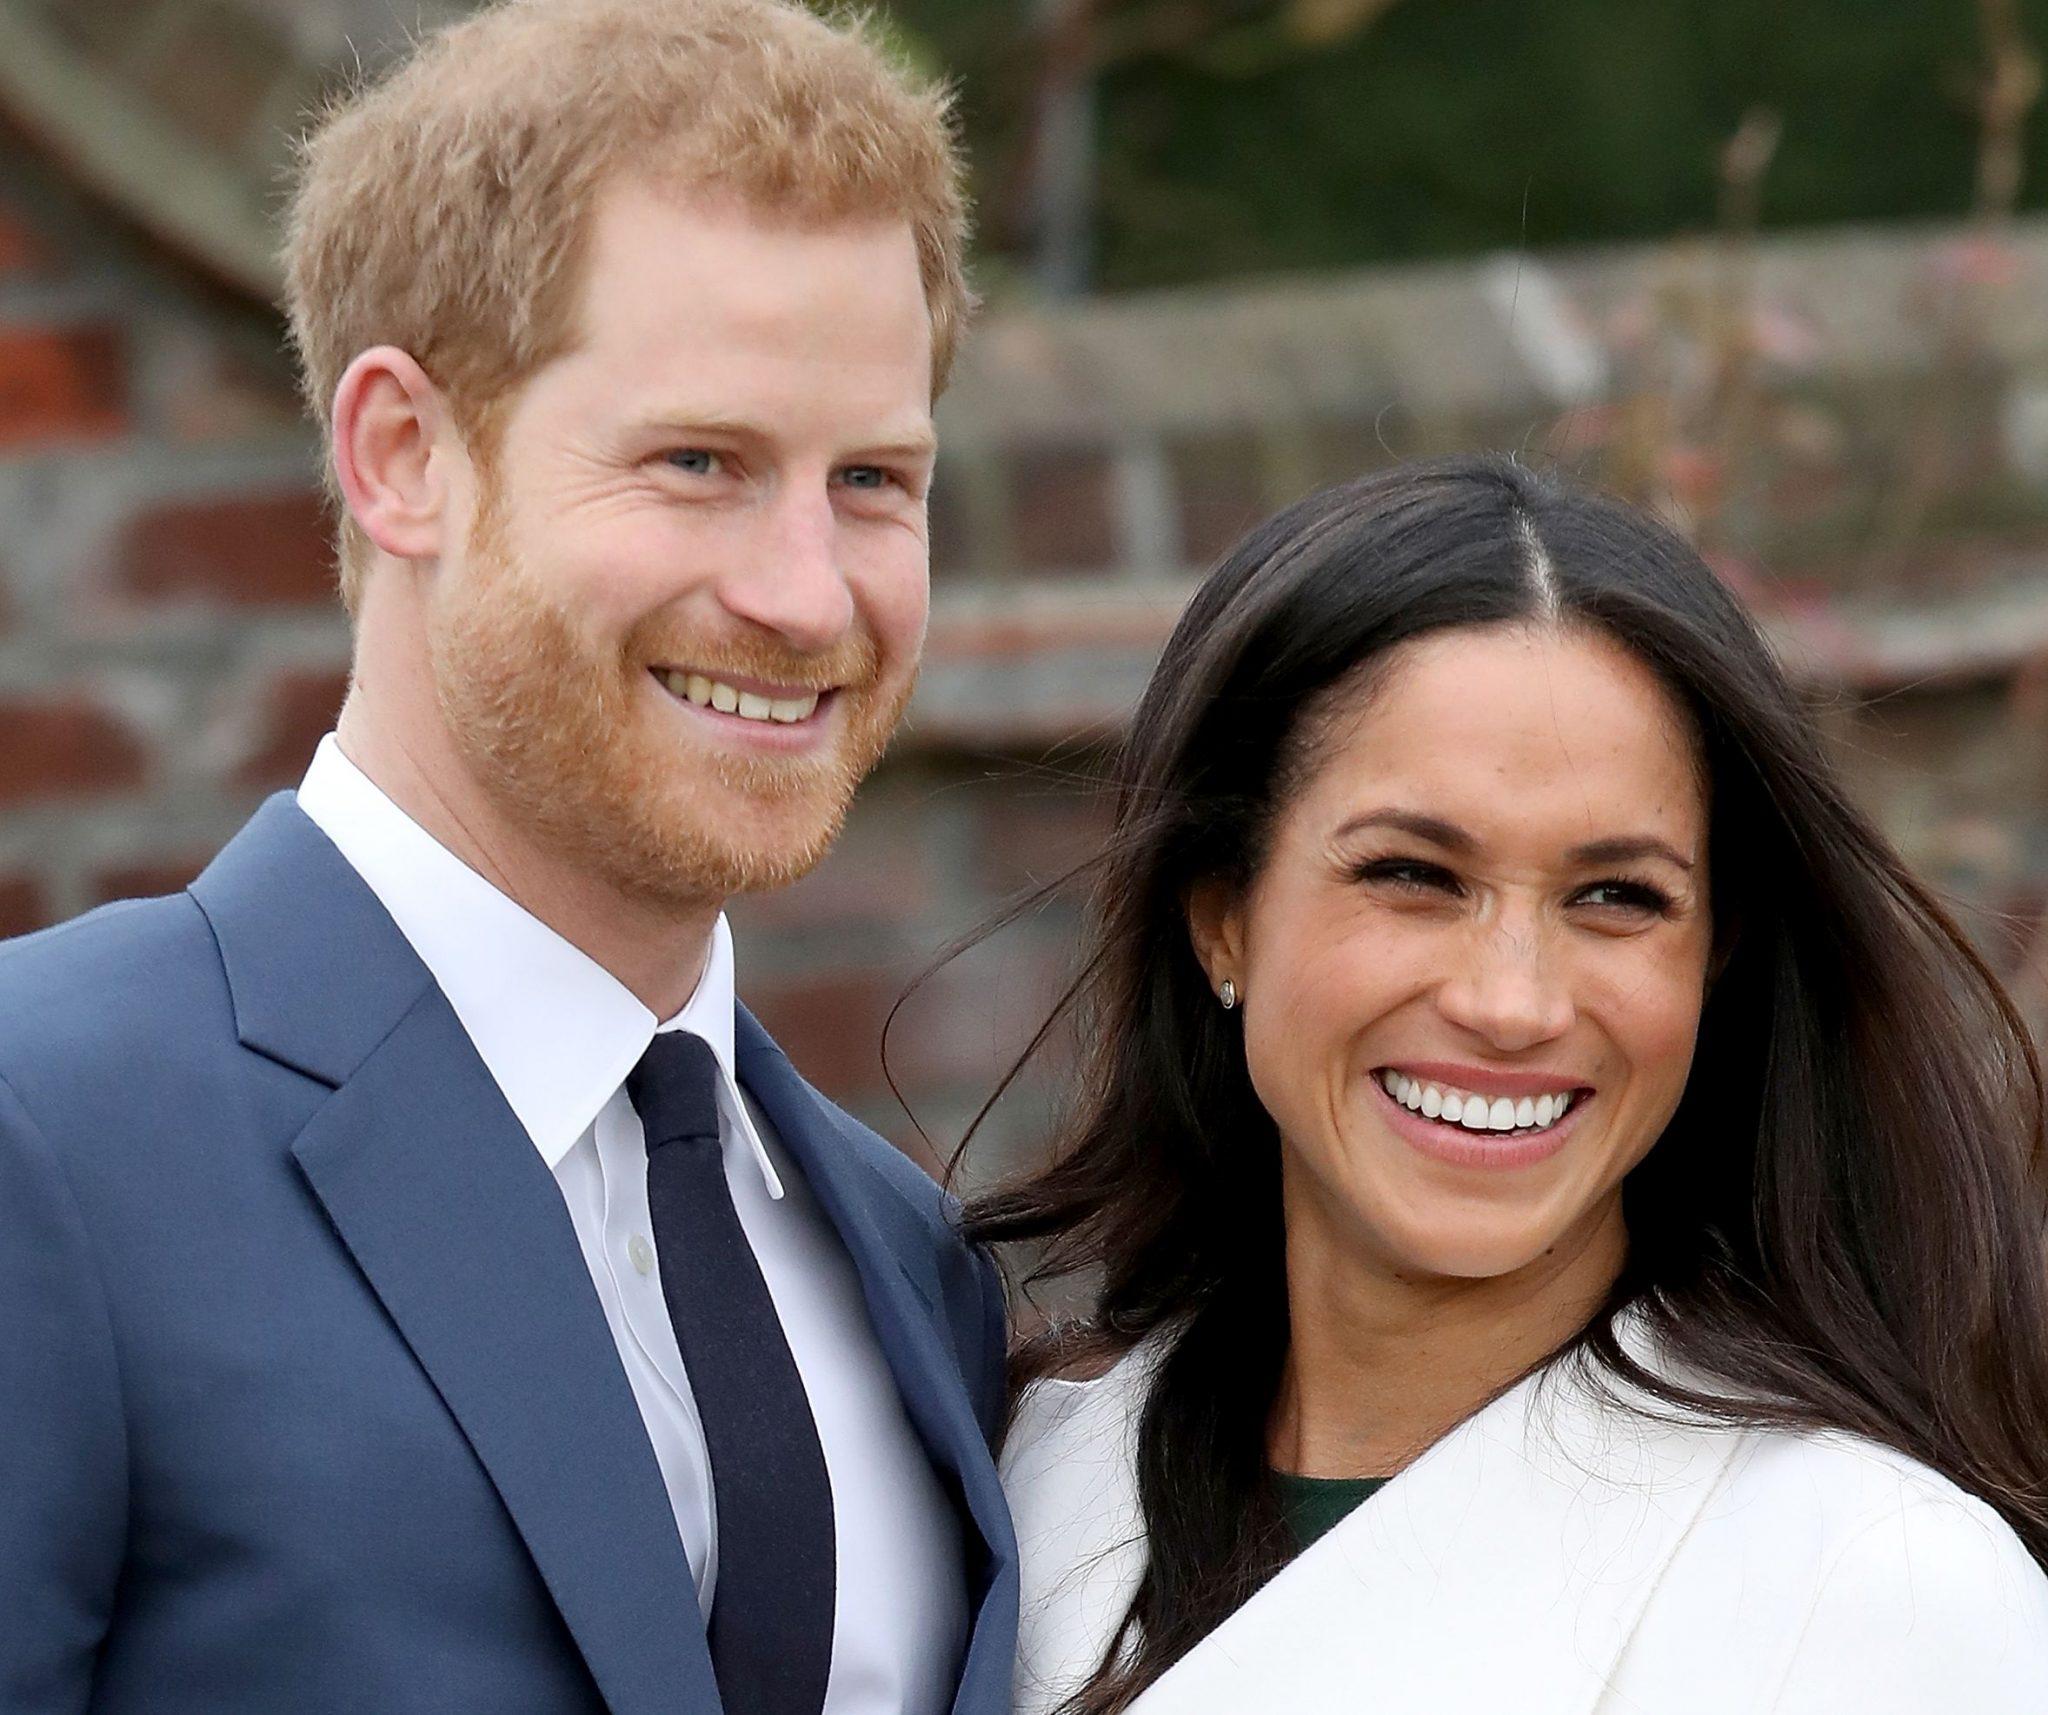 Harry și Meghan: Cine domină. Ce dezvăluie specialiștii despre noul lor limbaj corporal